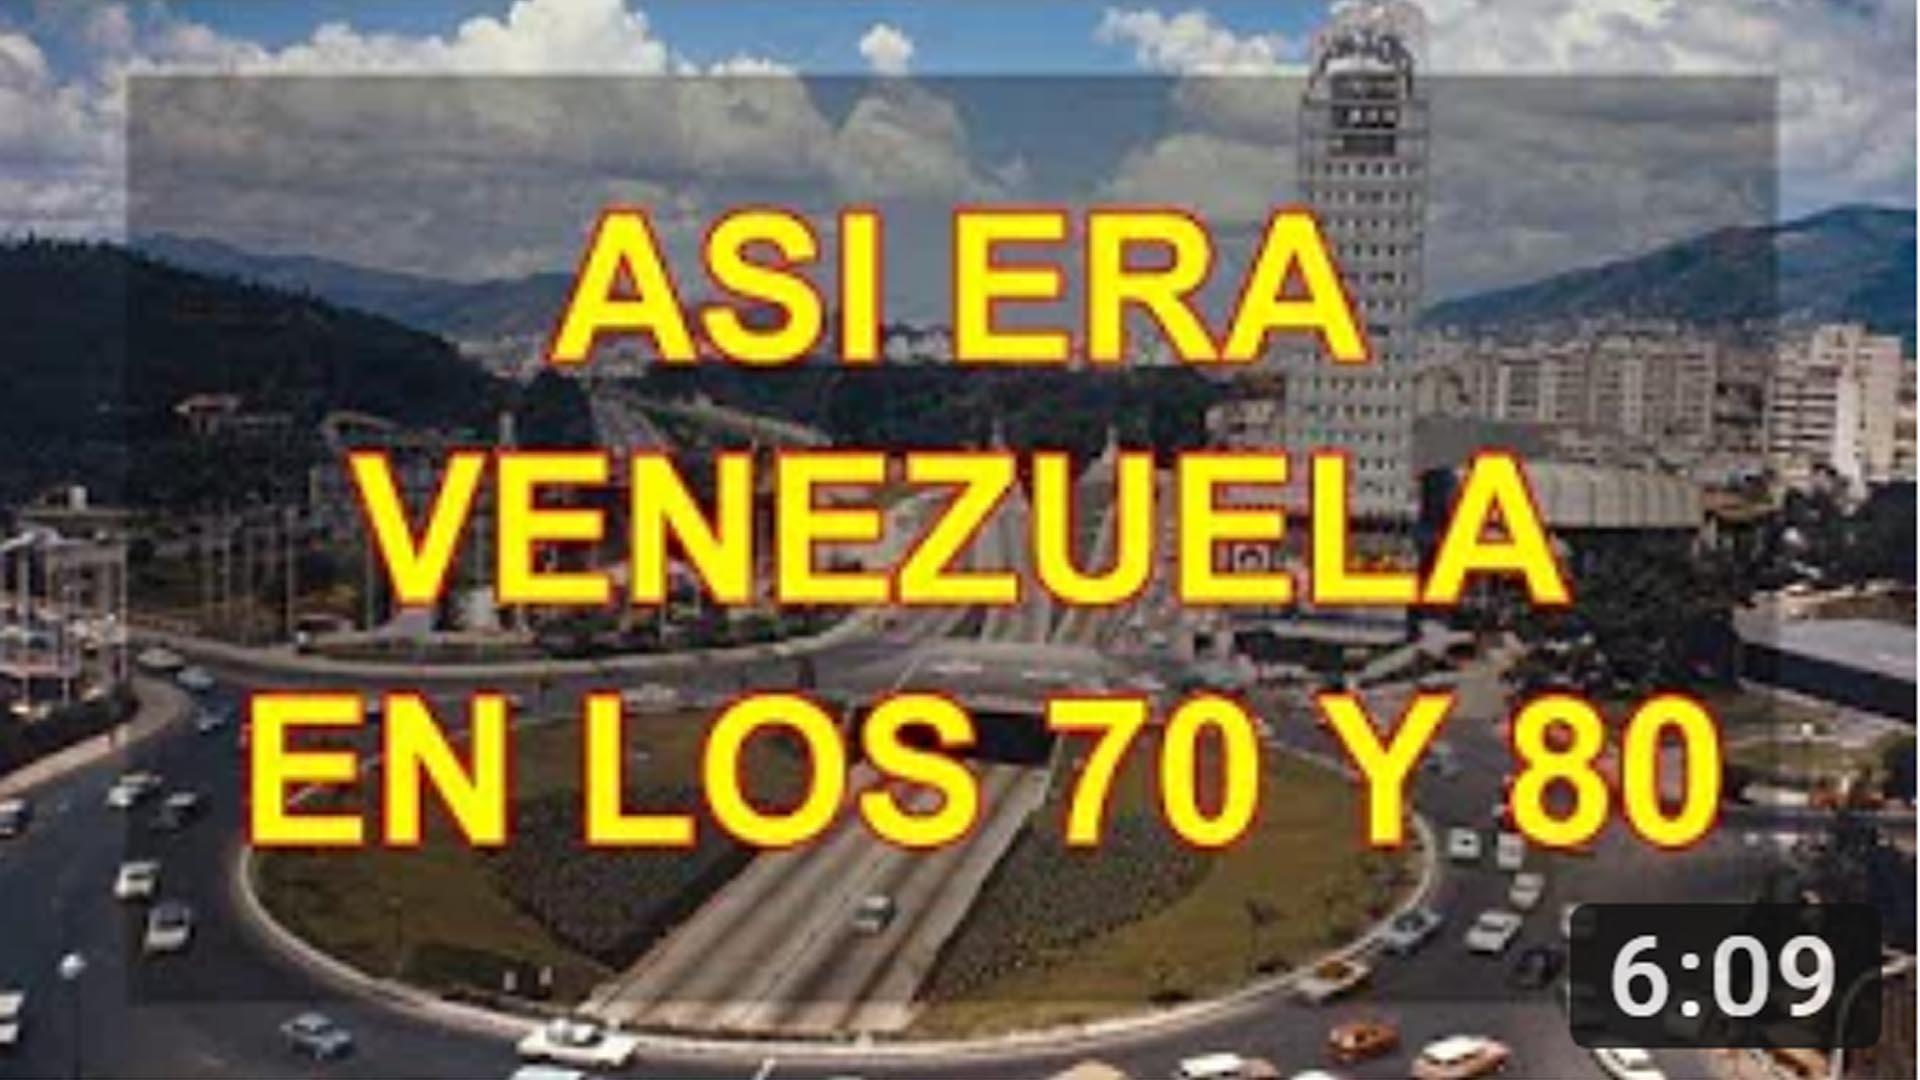 ASI ERA VENEZUELA EN LOS 70 Y 80, VENEZUELA DE ANTAÑO, VENEZUELA EPOCA DE BONANZA